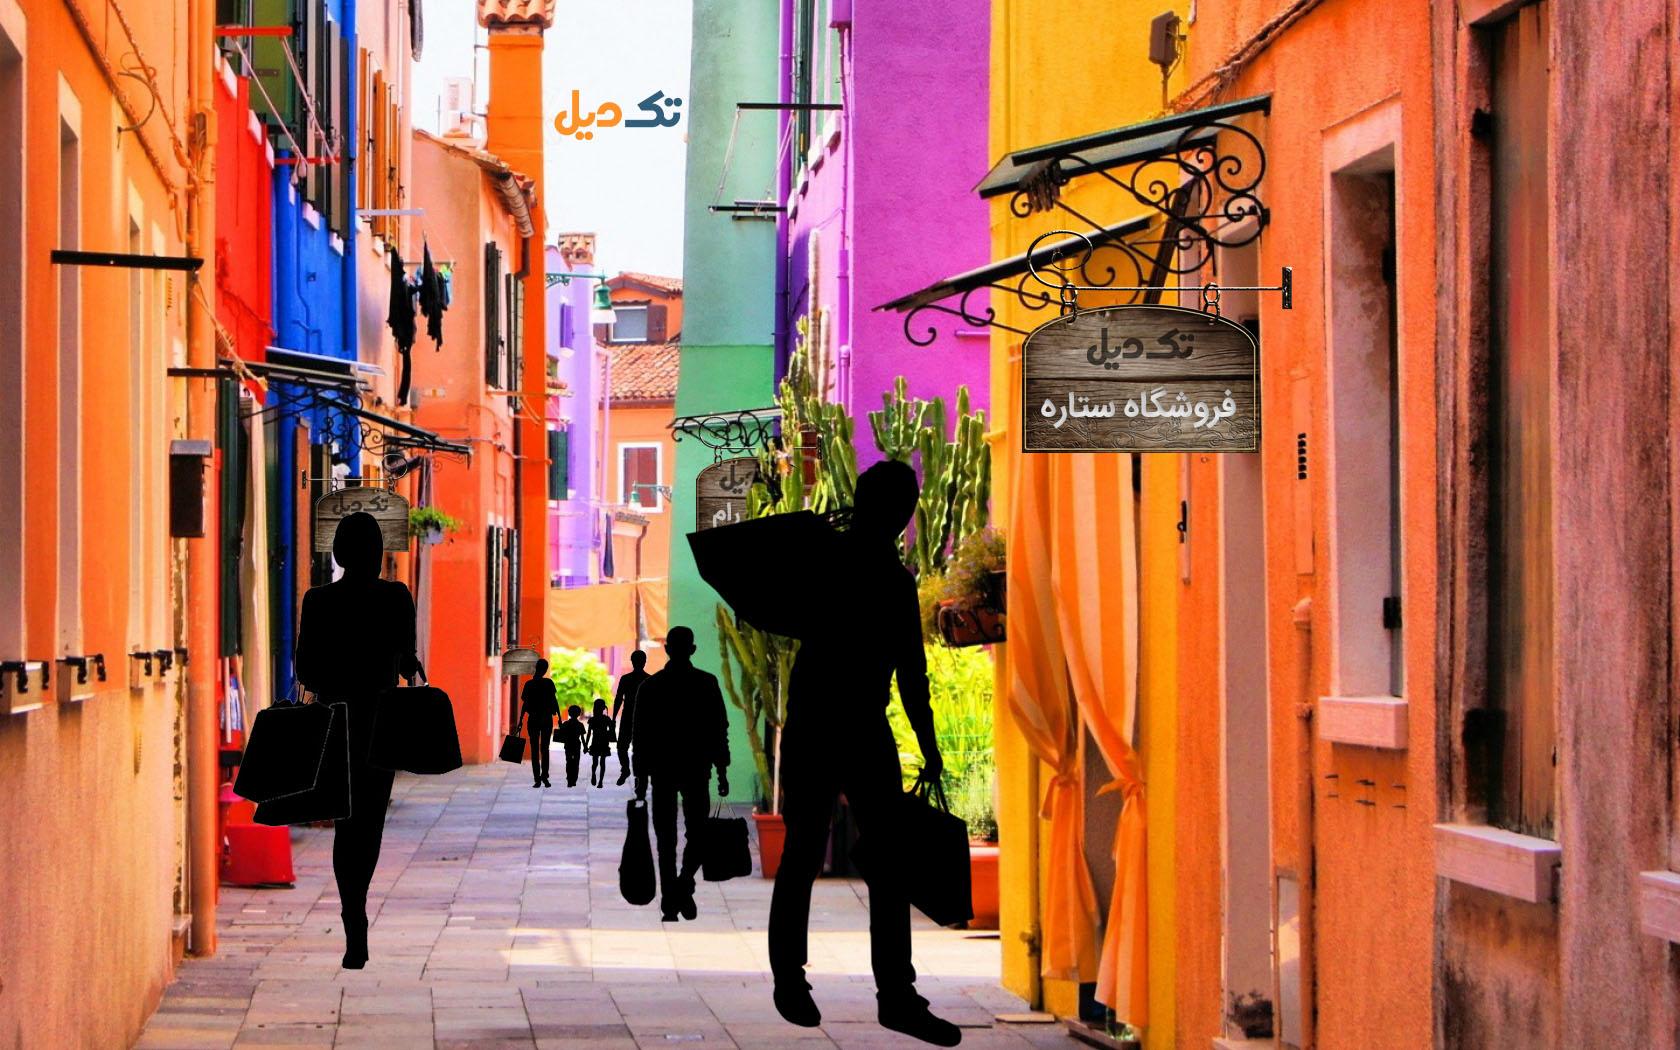 تک دیل دنیای رنگی